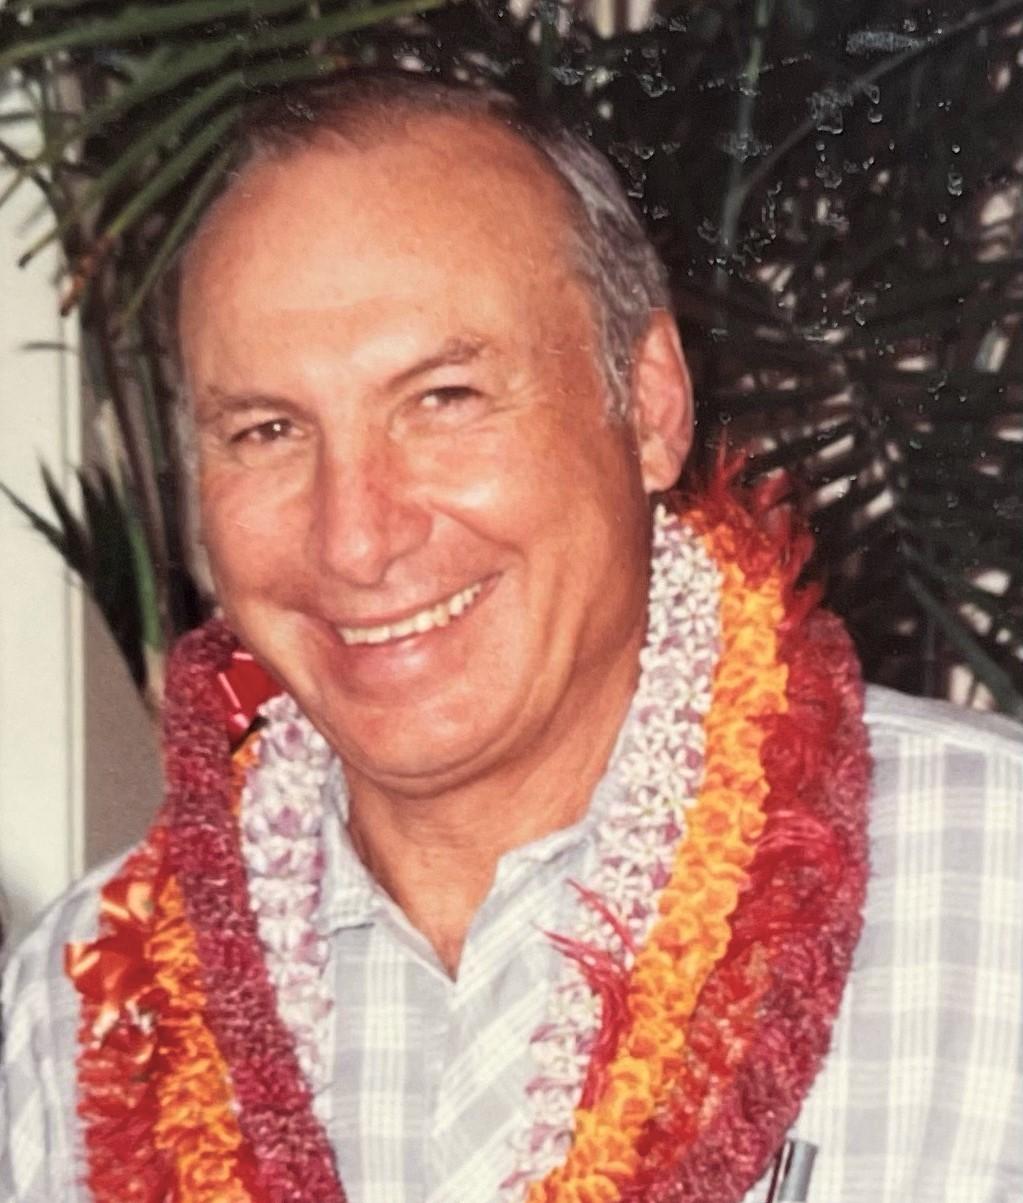 JOHN CORNWELL WALKER, JR.